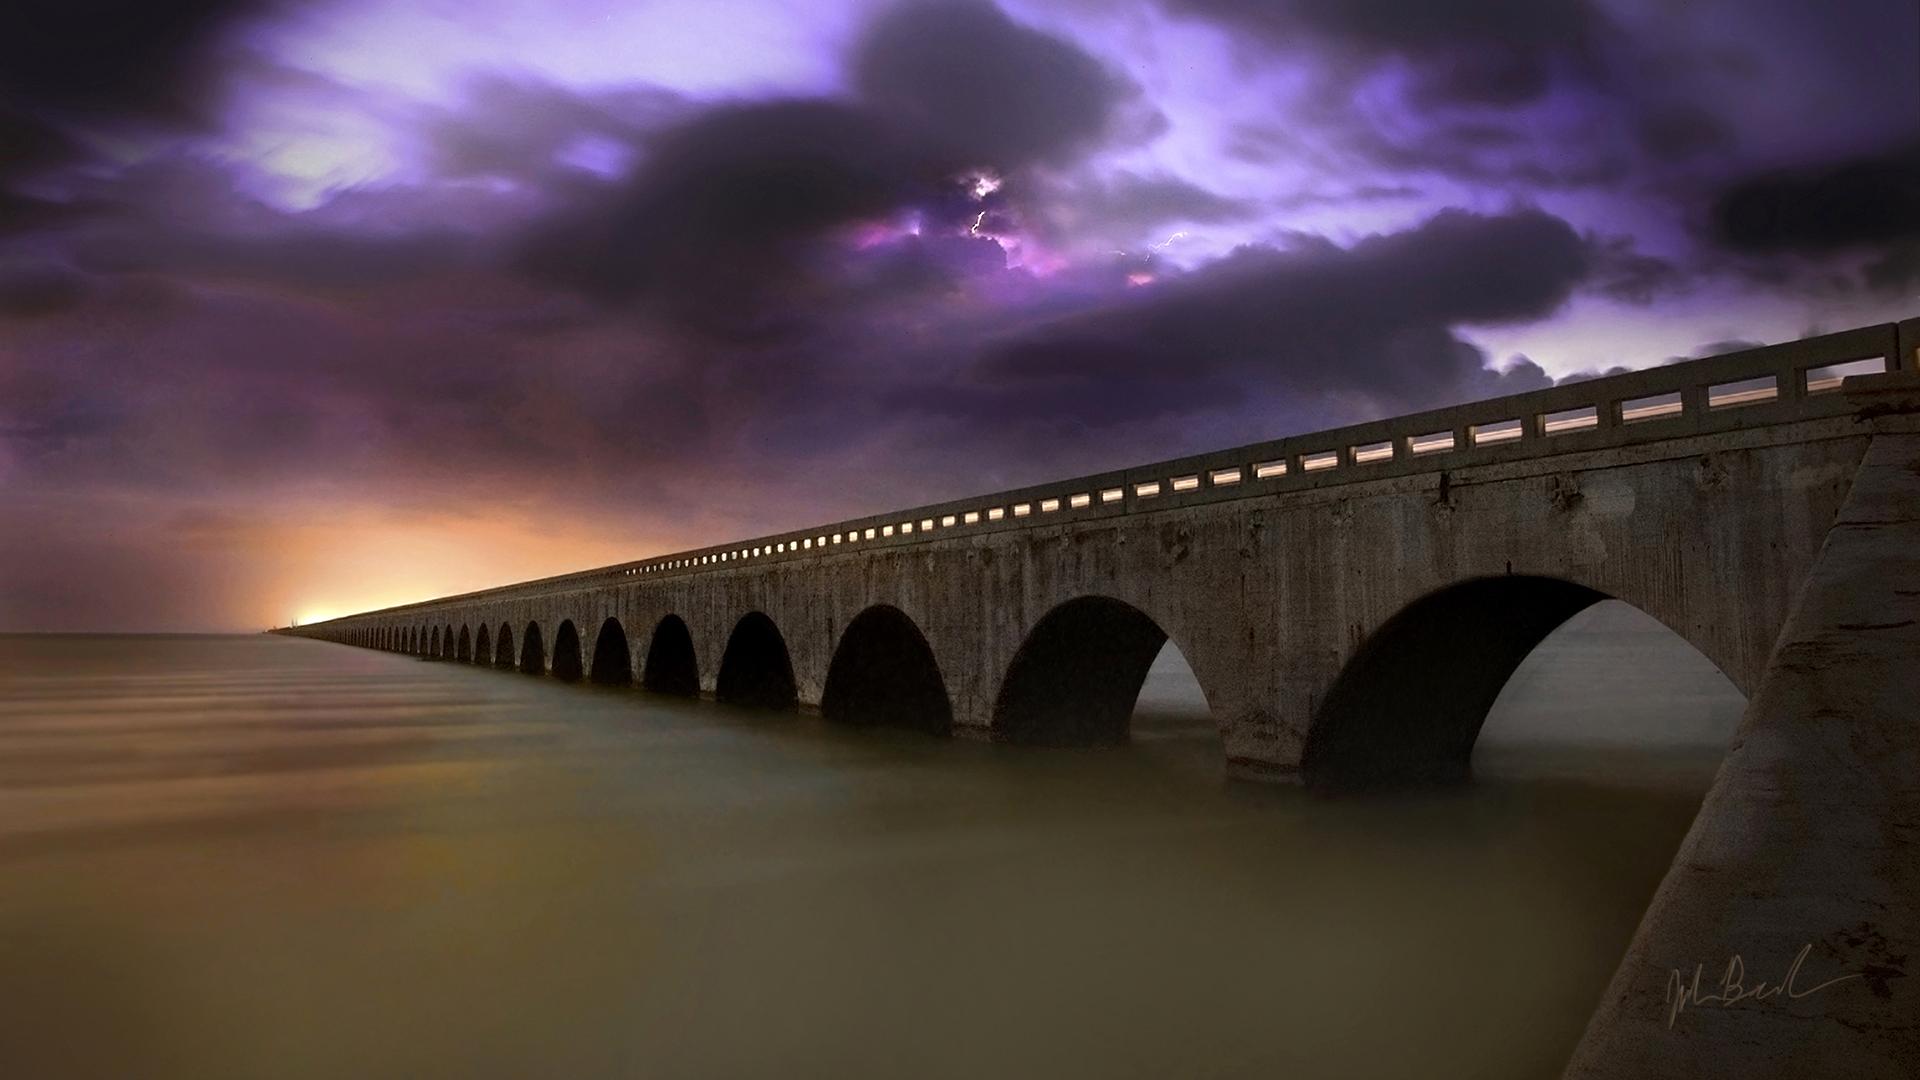 Un gran puente en el mar - 1920x1080